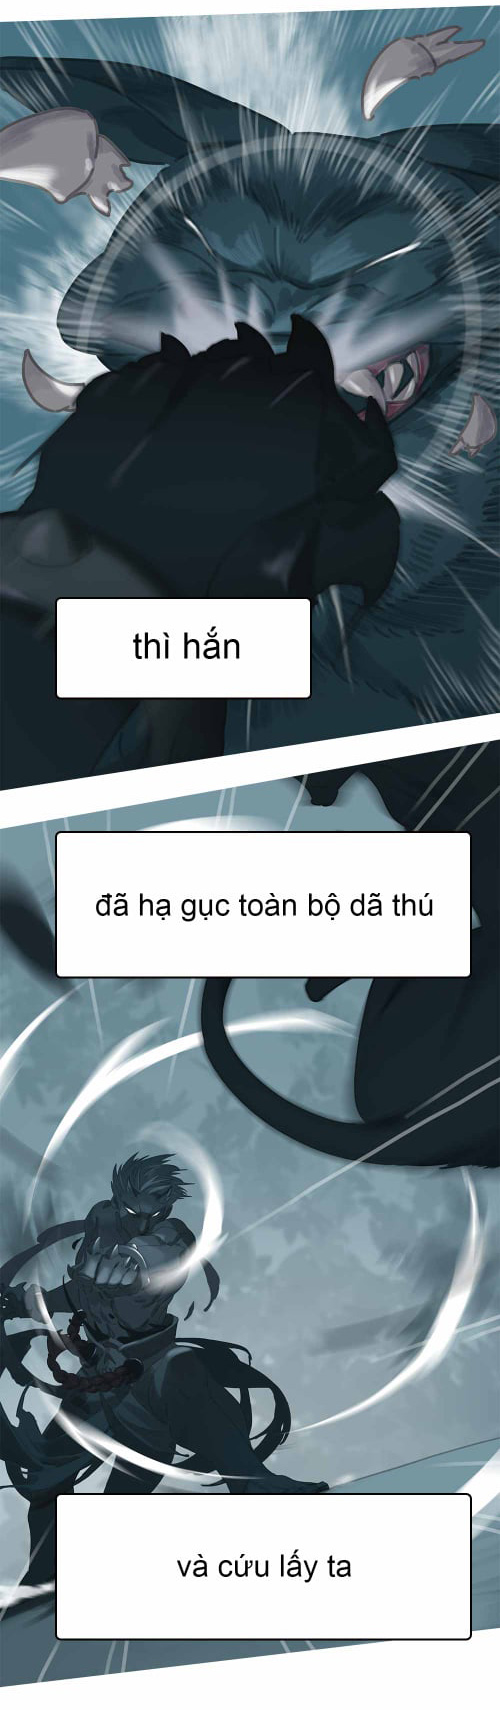 Bi su Vung Bi Dia Rong Than #3 Chuong 1 Hoi uc - Trang 7